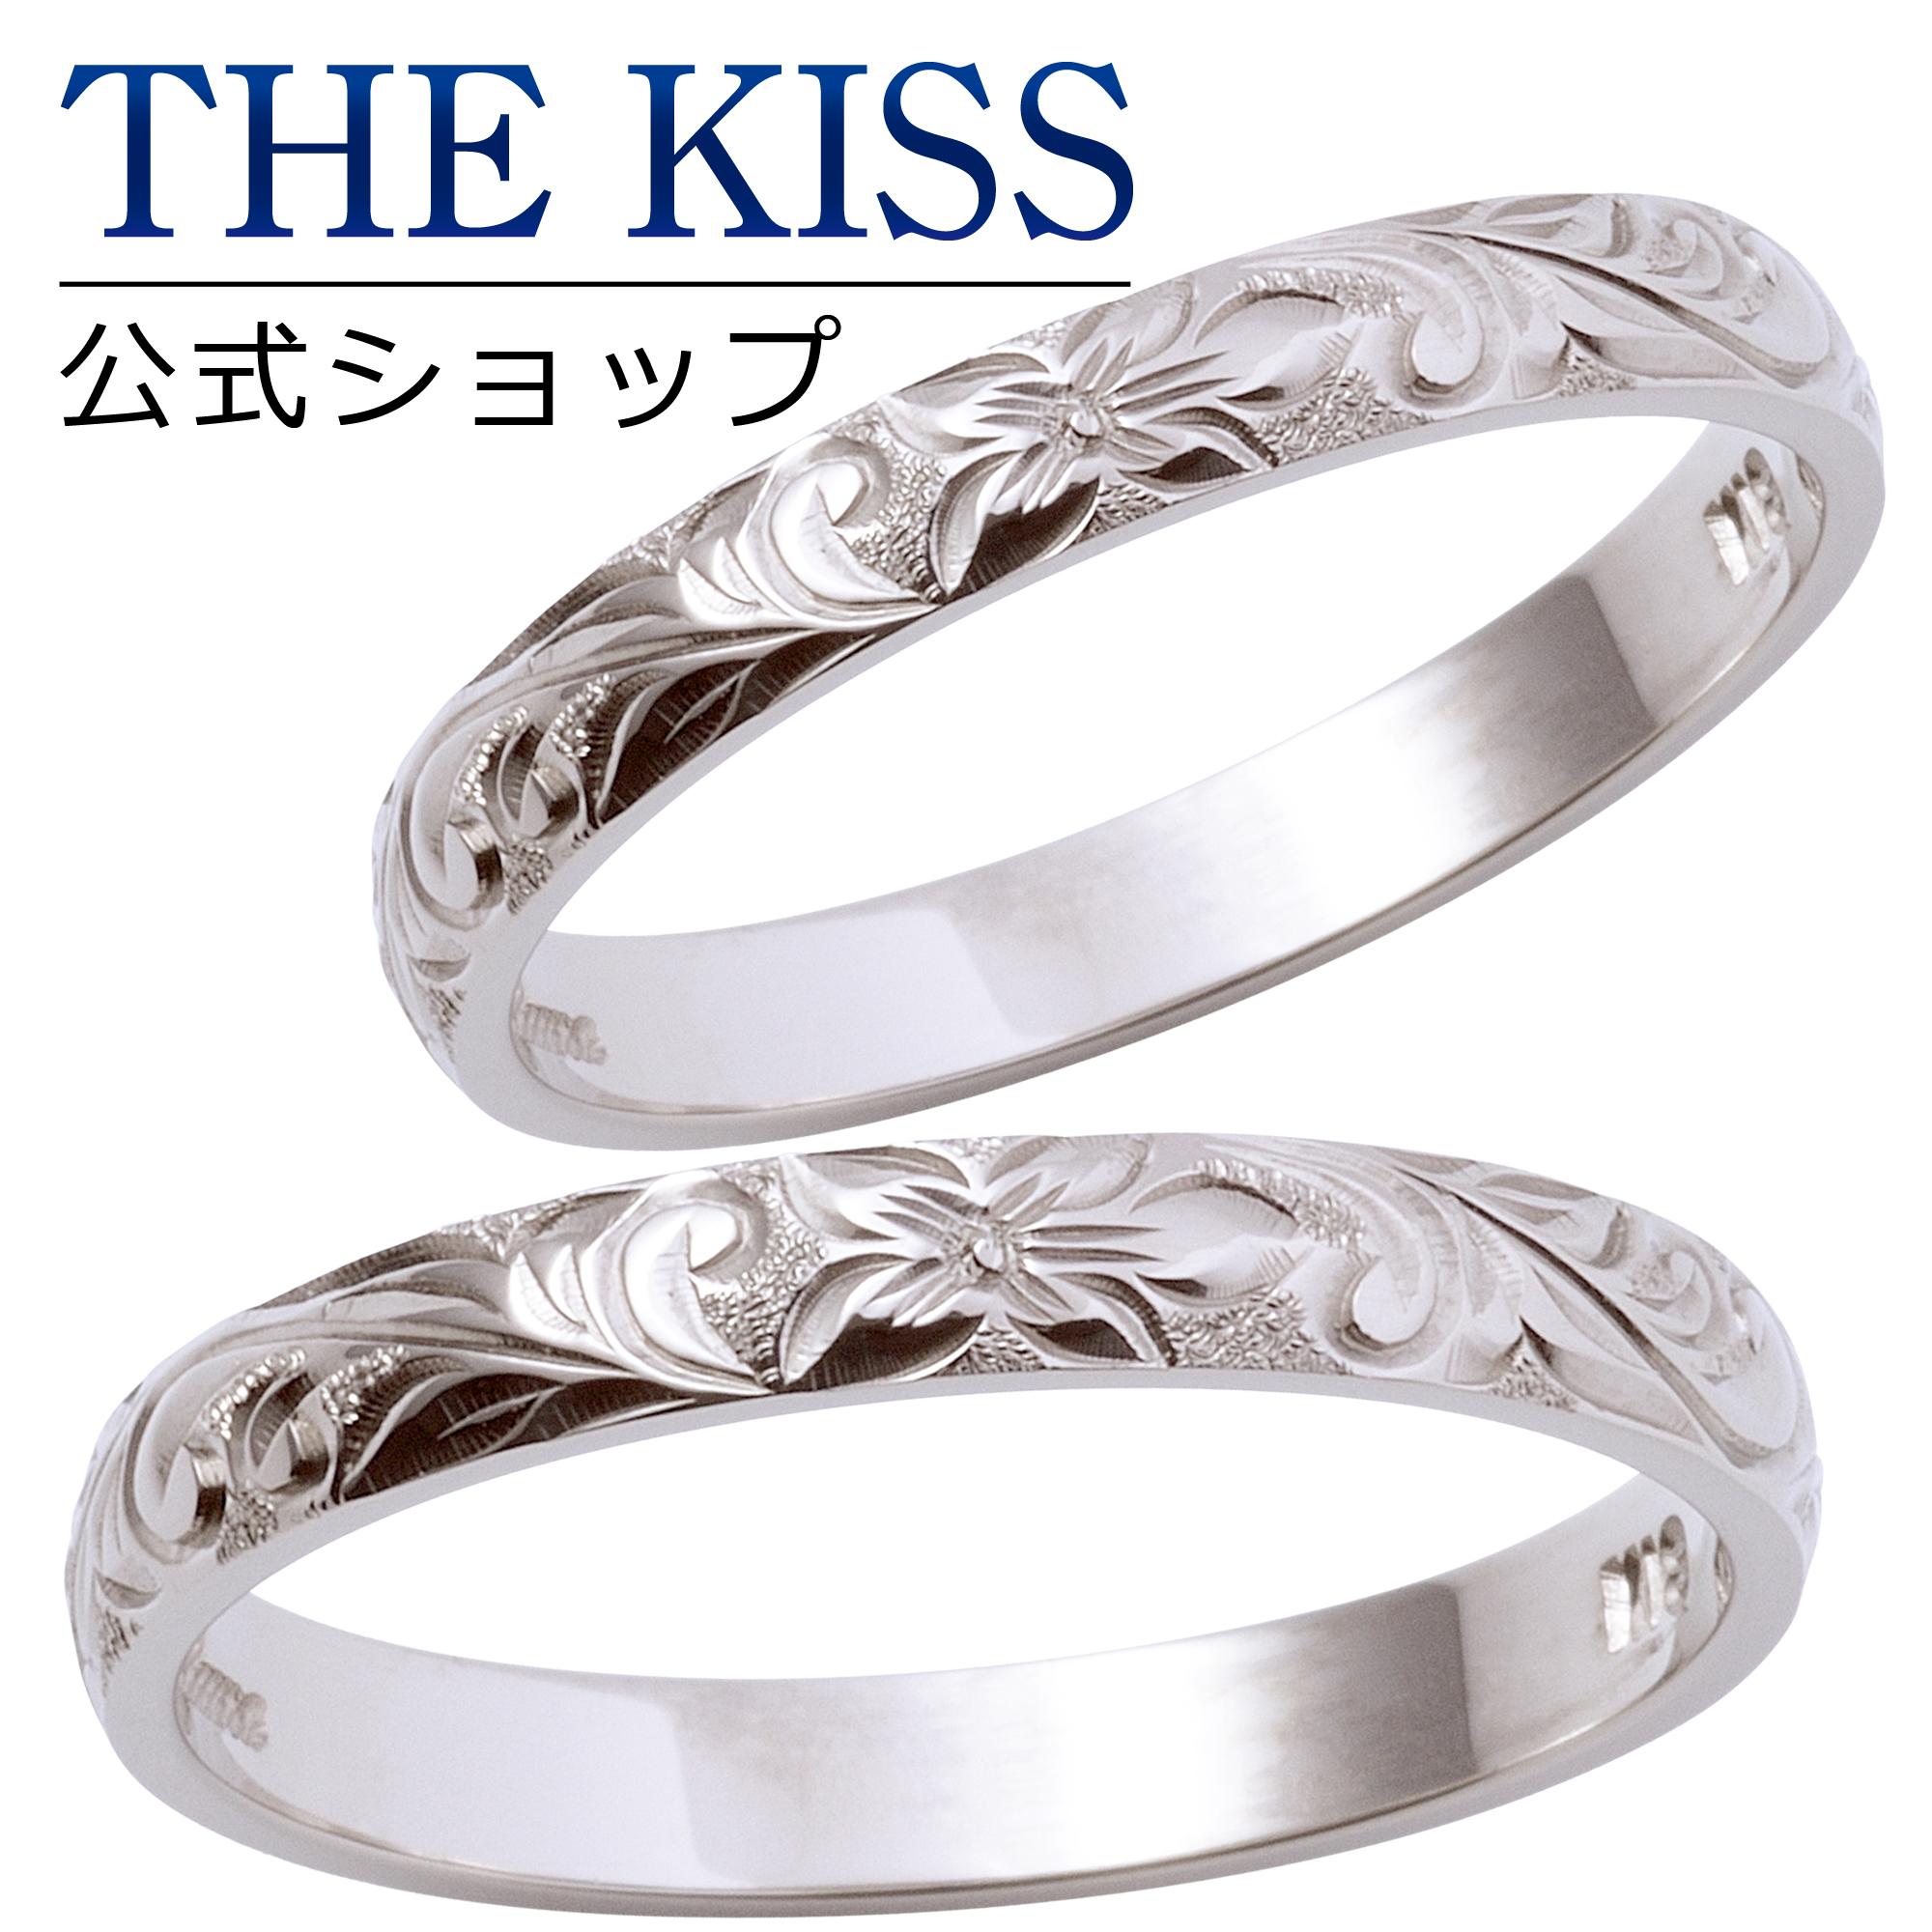 【刻印可_10文字】【Kahuna】 K18ホワイトゴールド マリッジリング ハワイアンジュエリー Princess プリンセス 結婚指輪 ペアリング THE KISS ザキッス リング・指輪 50W-RB-11-110_50W-RB-11-120_WG セット シンプル 男性 女性 2個ペア ザキス 【送料無料】